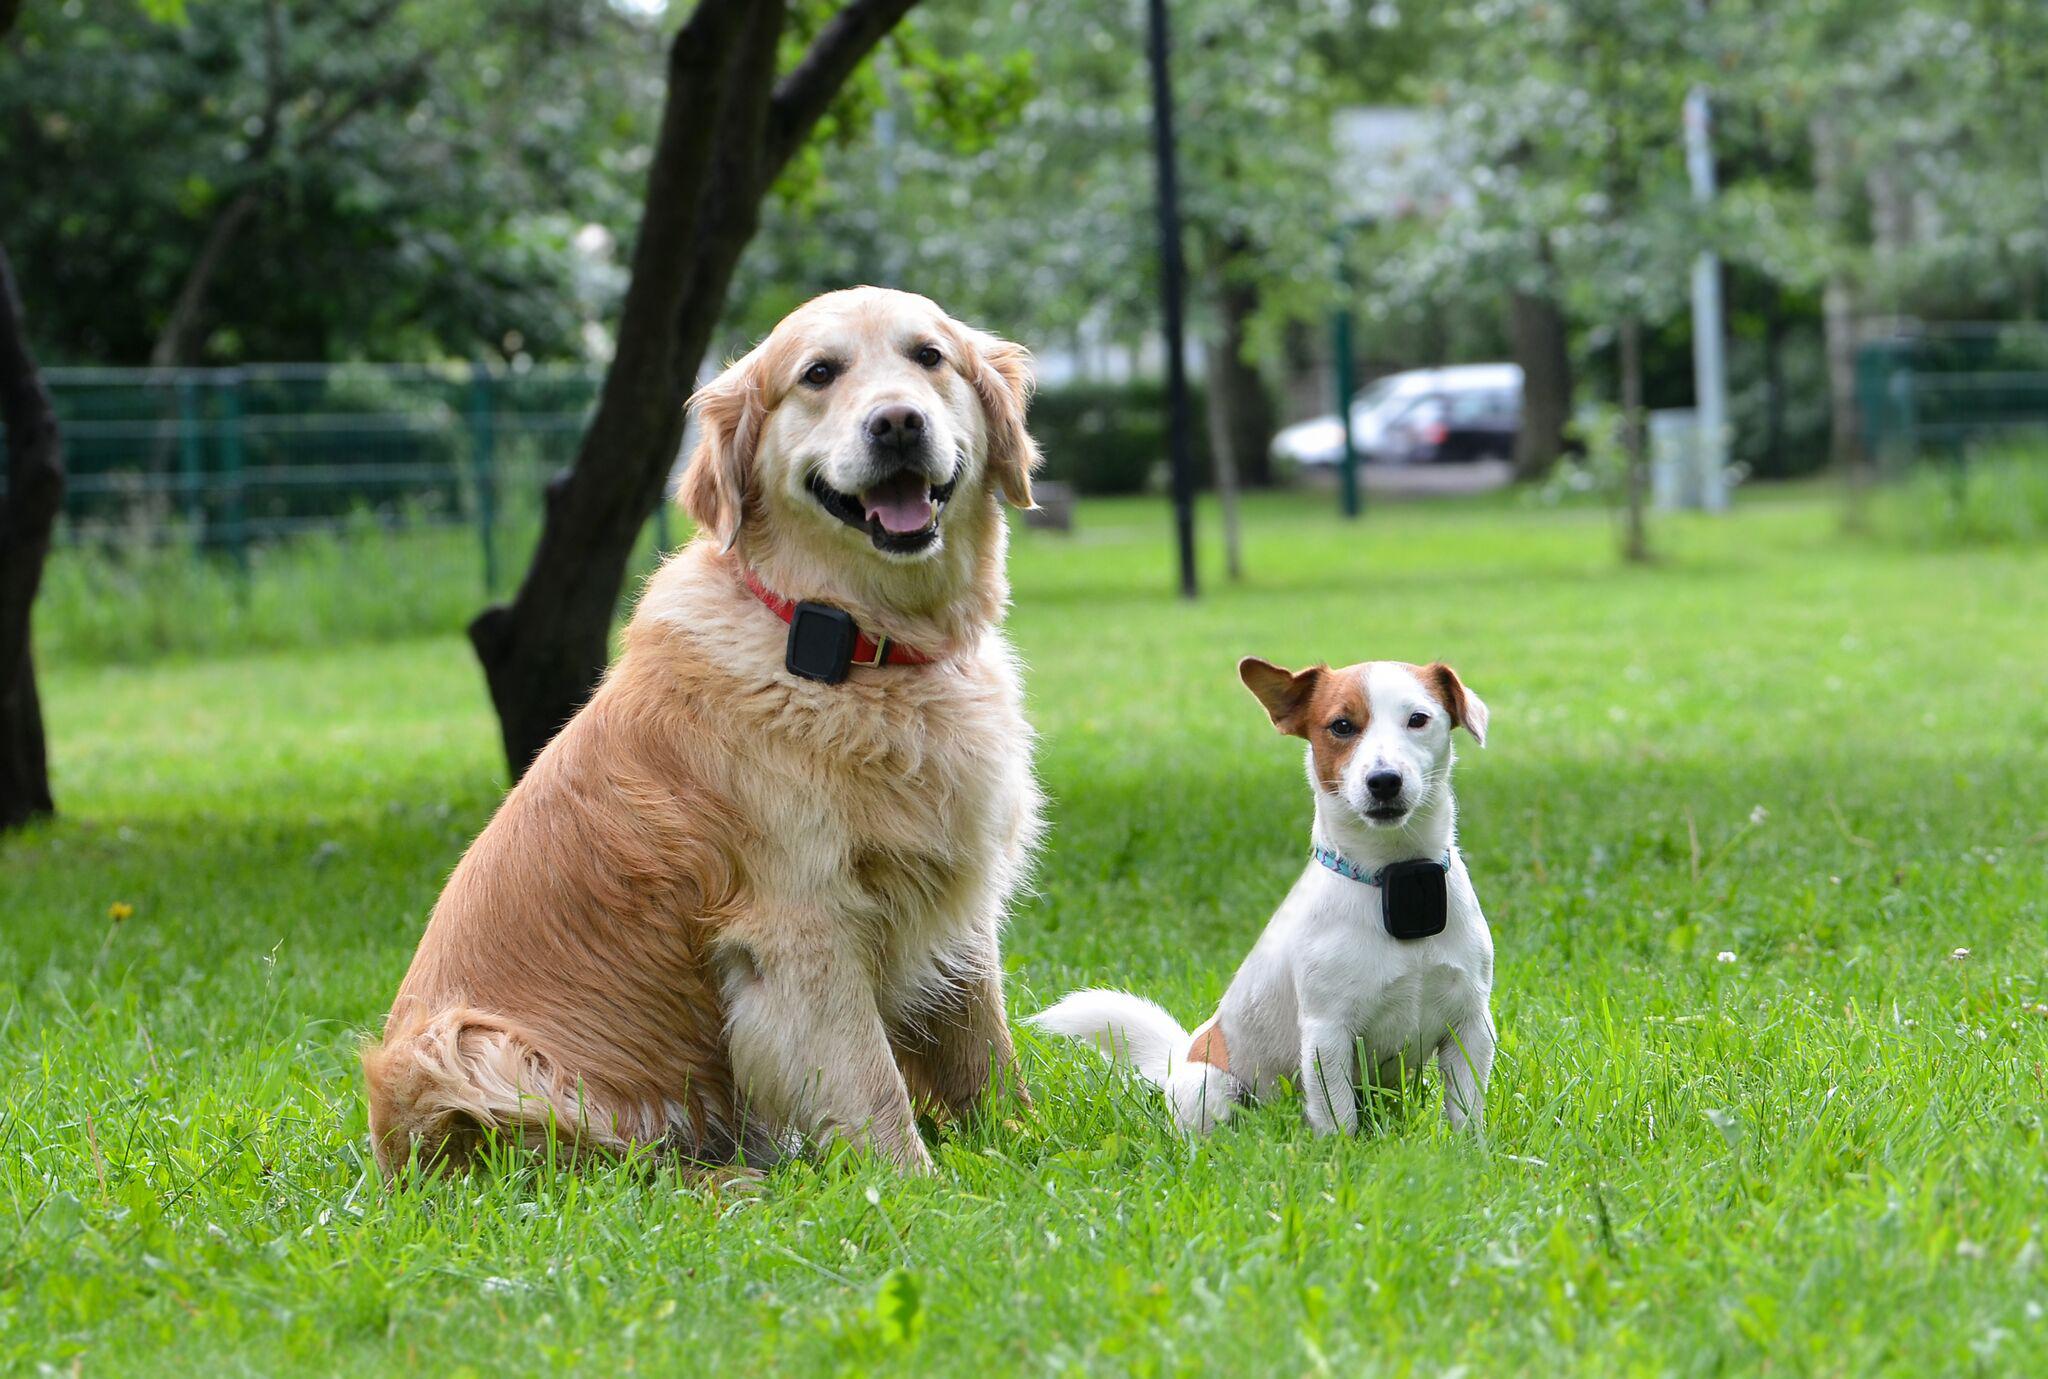 96a122779f4 Pildil: Koerad Jack ja Toto kandmas jälgimisseadet, mis aitab tuvastada  lemmiklooma asukoha.